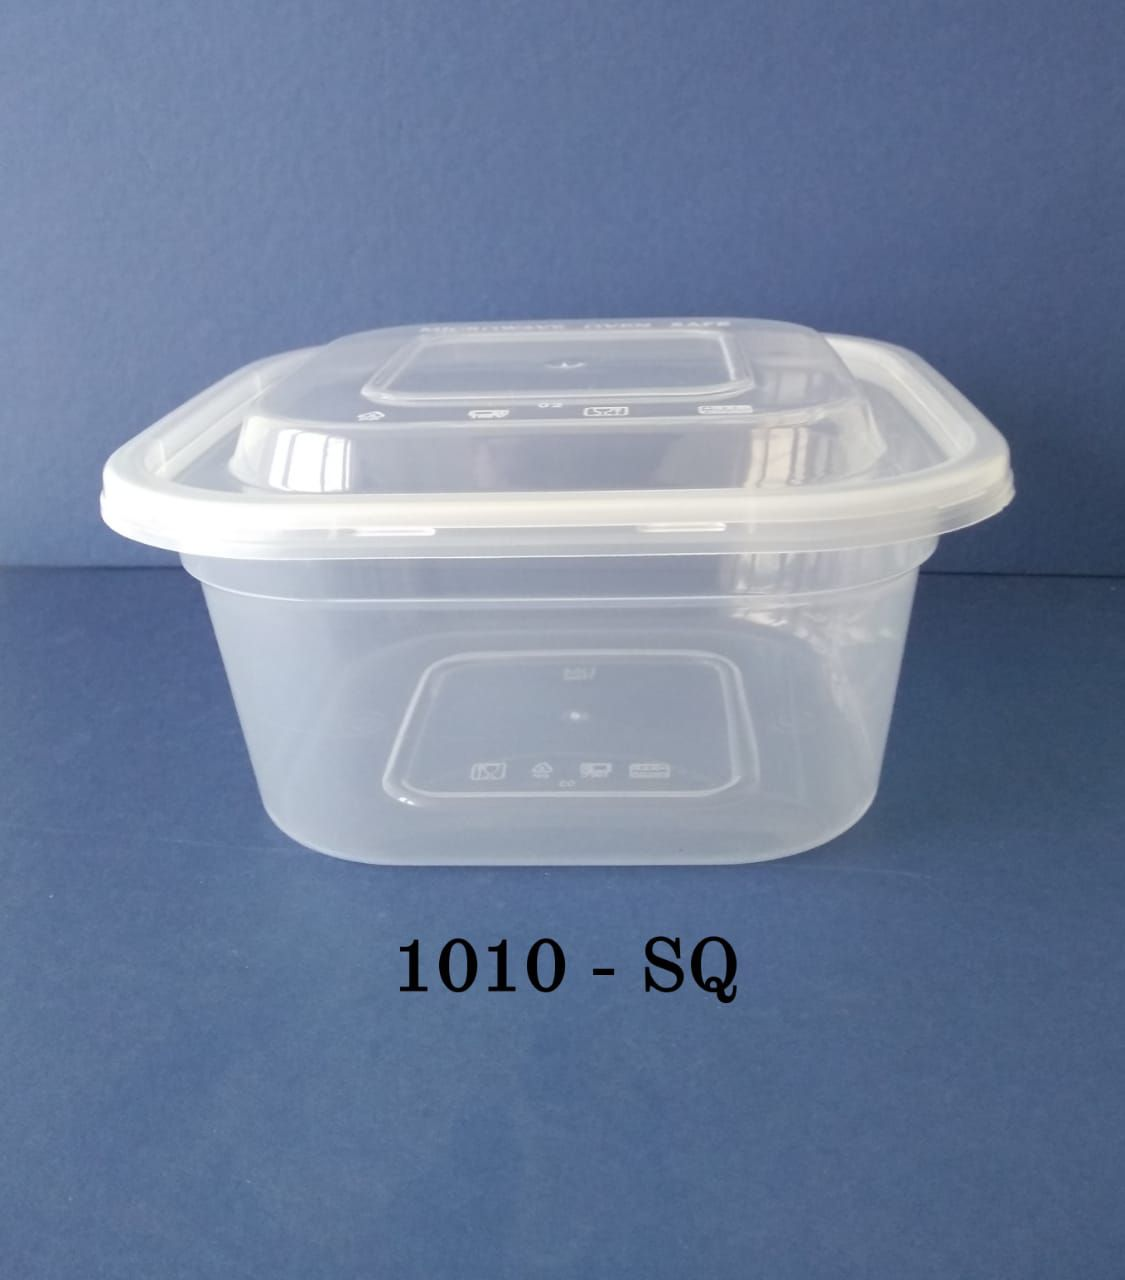 Toko Plastik Kraksaan, Toko Plastik Sampang, Toko Plastik Sidoarjo, Toko Plastik Situbondo, Toko Plastik Sumenep